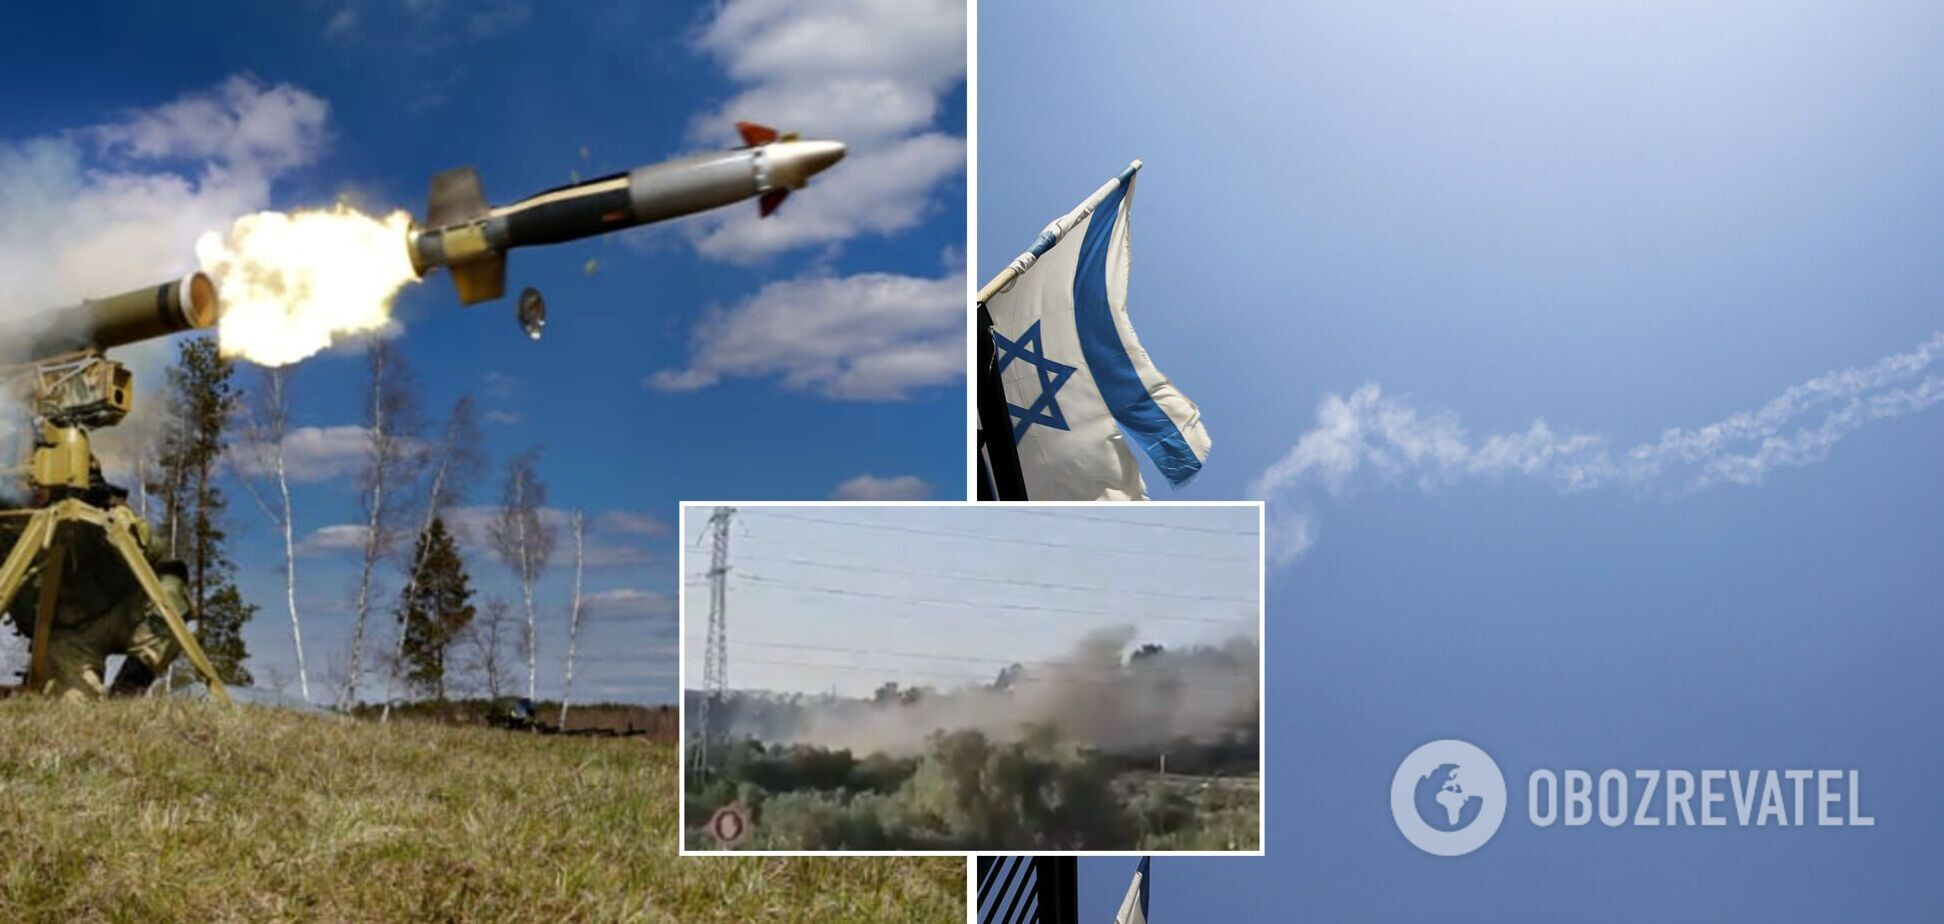 З Гази по Ізраїлю завдали ракетних ударів: у відповідь знищено бойовиків. Фото та відео